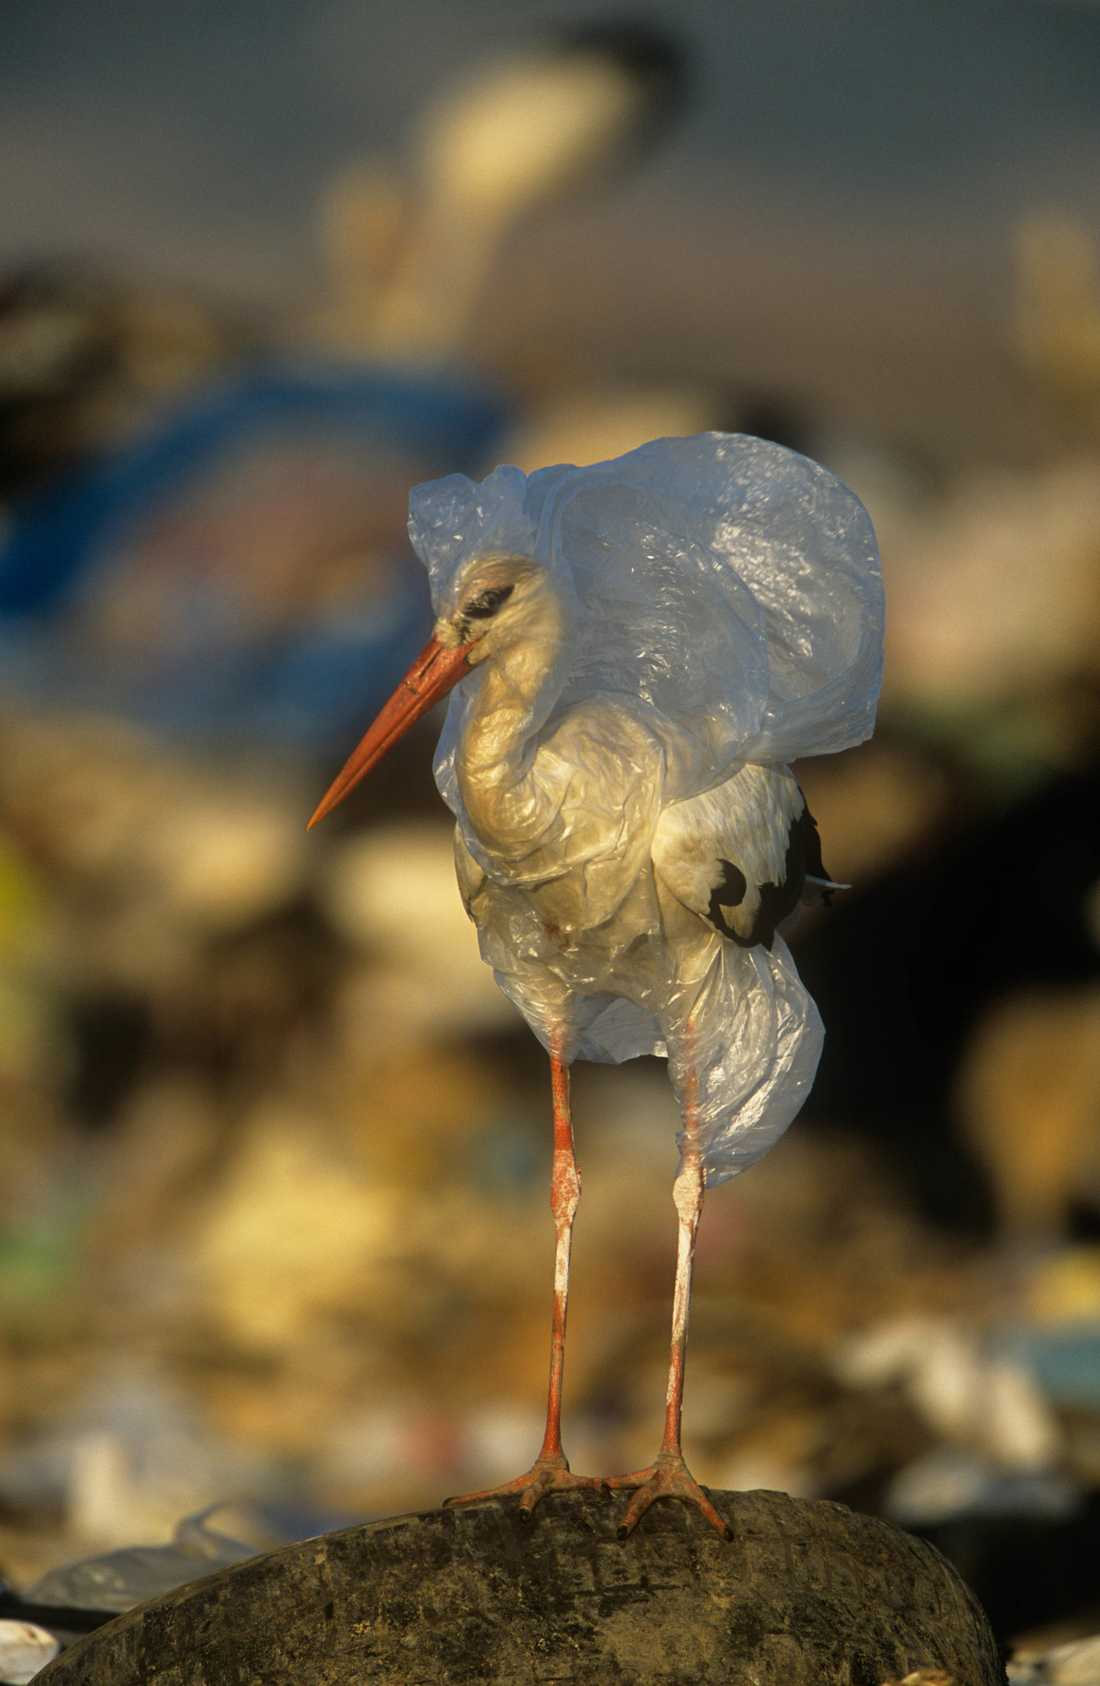 En vit stork som fastnat i en plastpåse på en avskrädesplats i Spanien. Fågeln befriades från plasten av fotografen. Arkivbild.